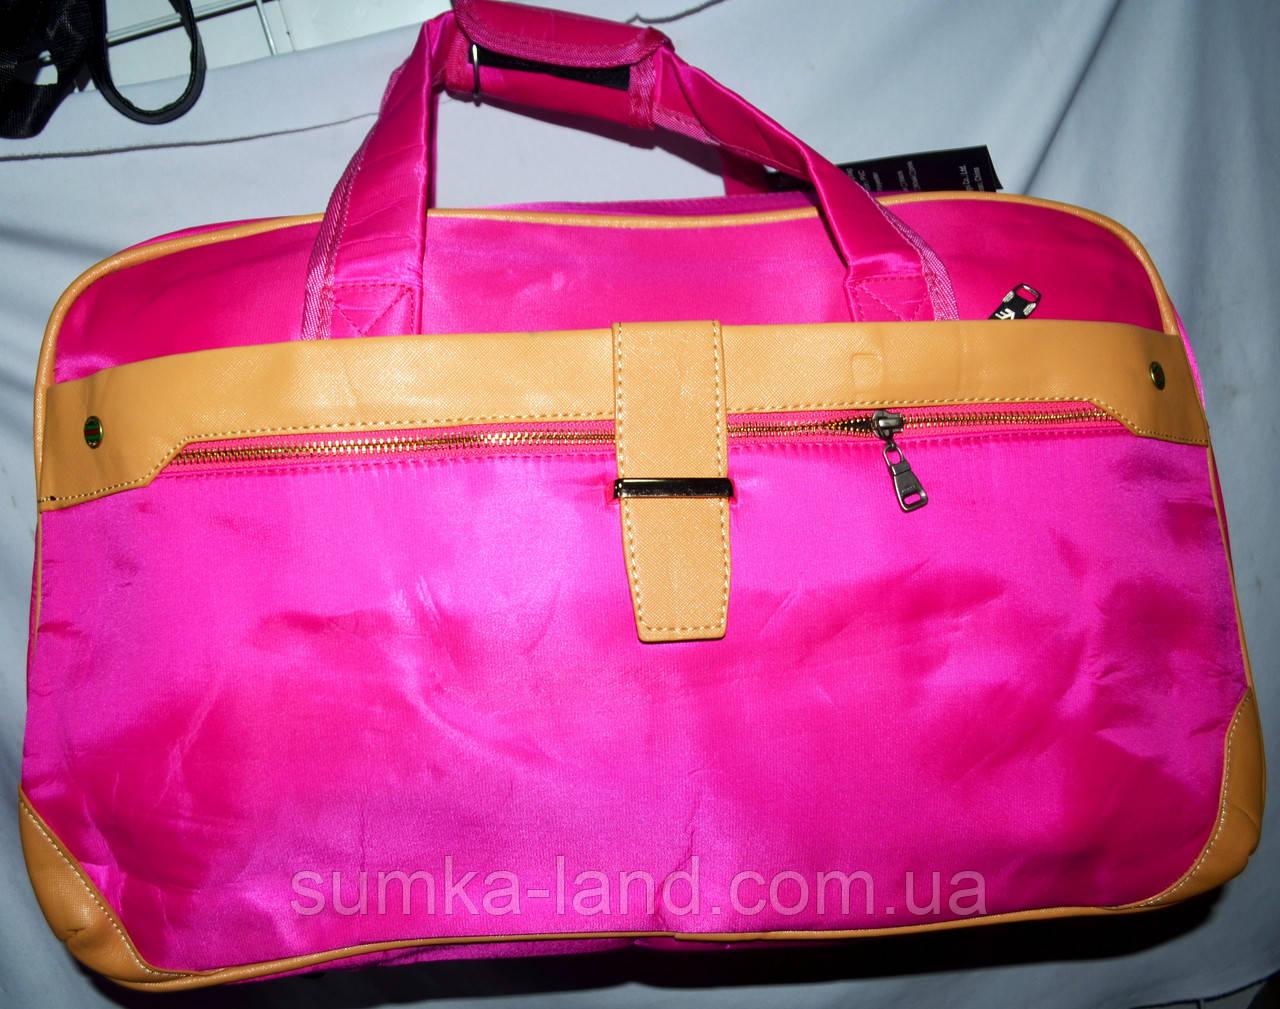 851d2411f471 Женская розовая дорожная сумка из плащевки 50*30 см: продажа, цена в ...